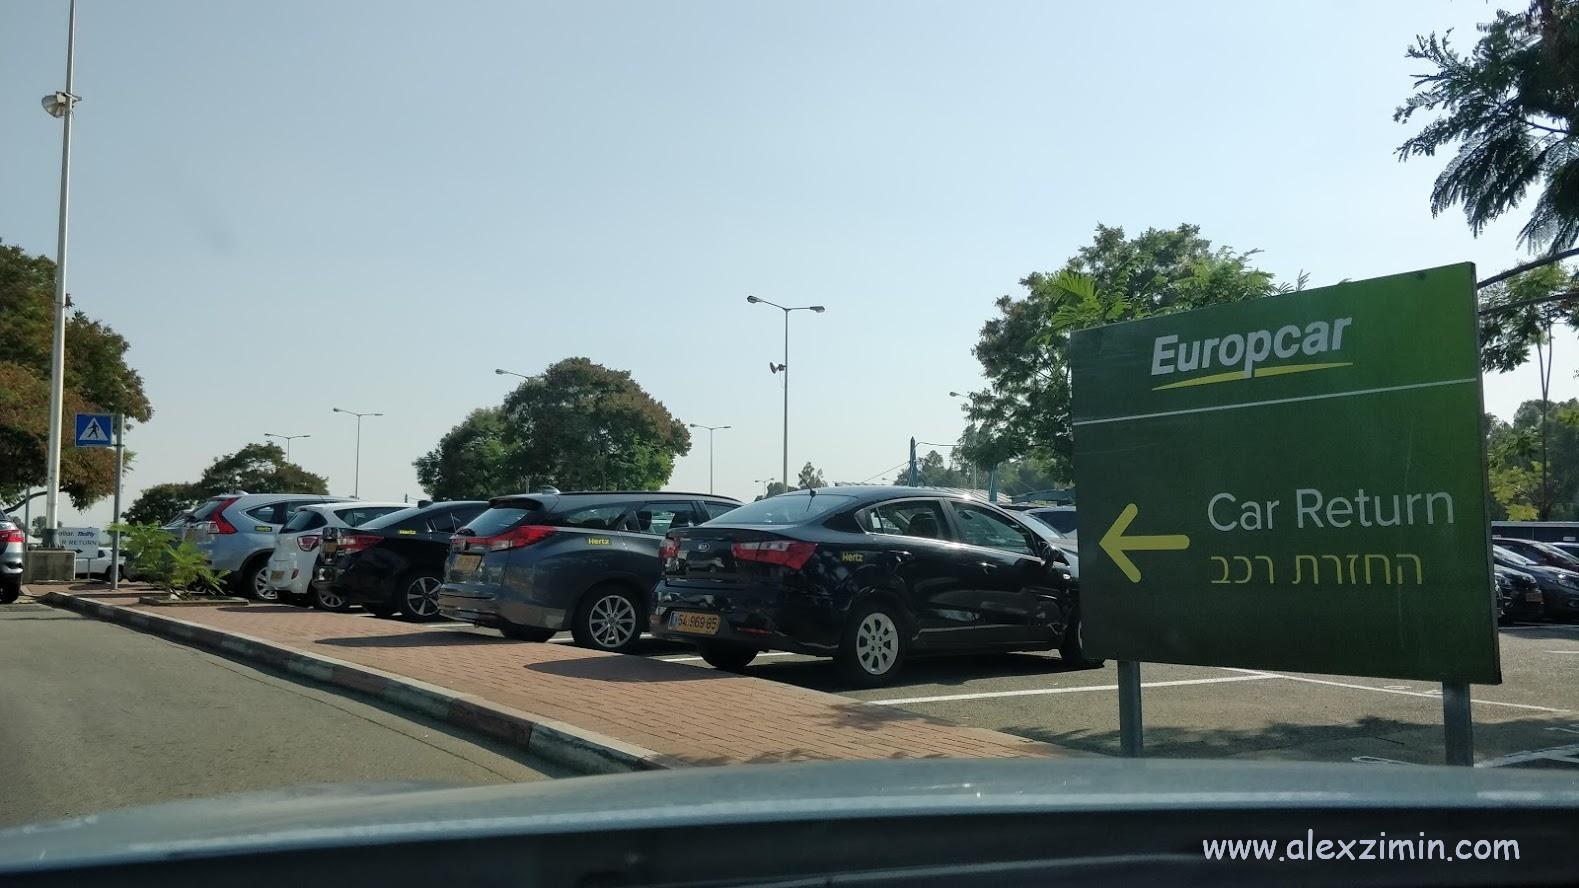 возврат машины в аэропорту Бен Гурион 1 терминал Europcar